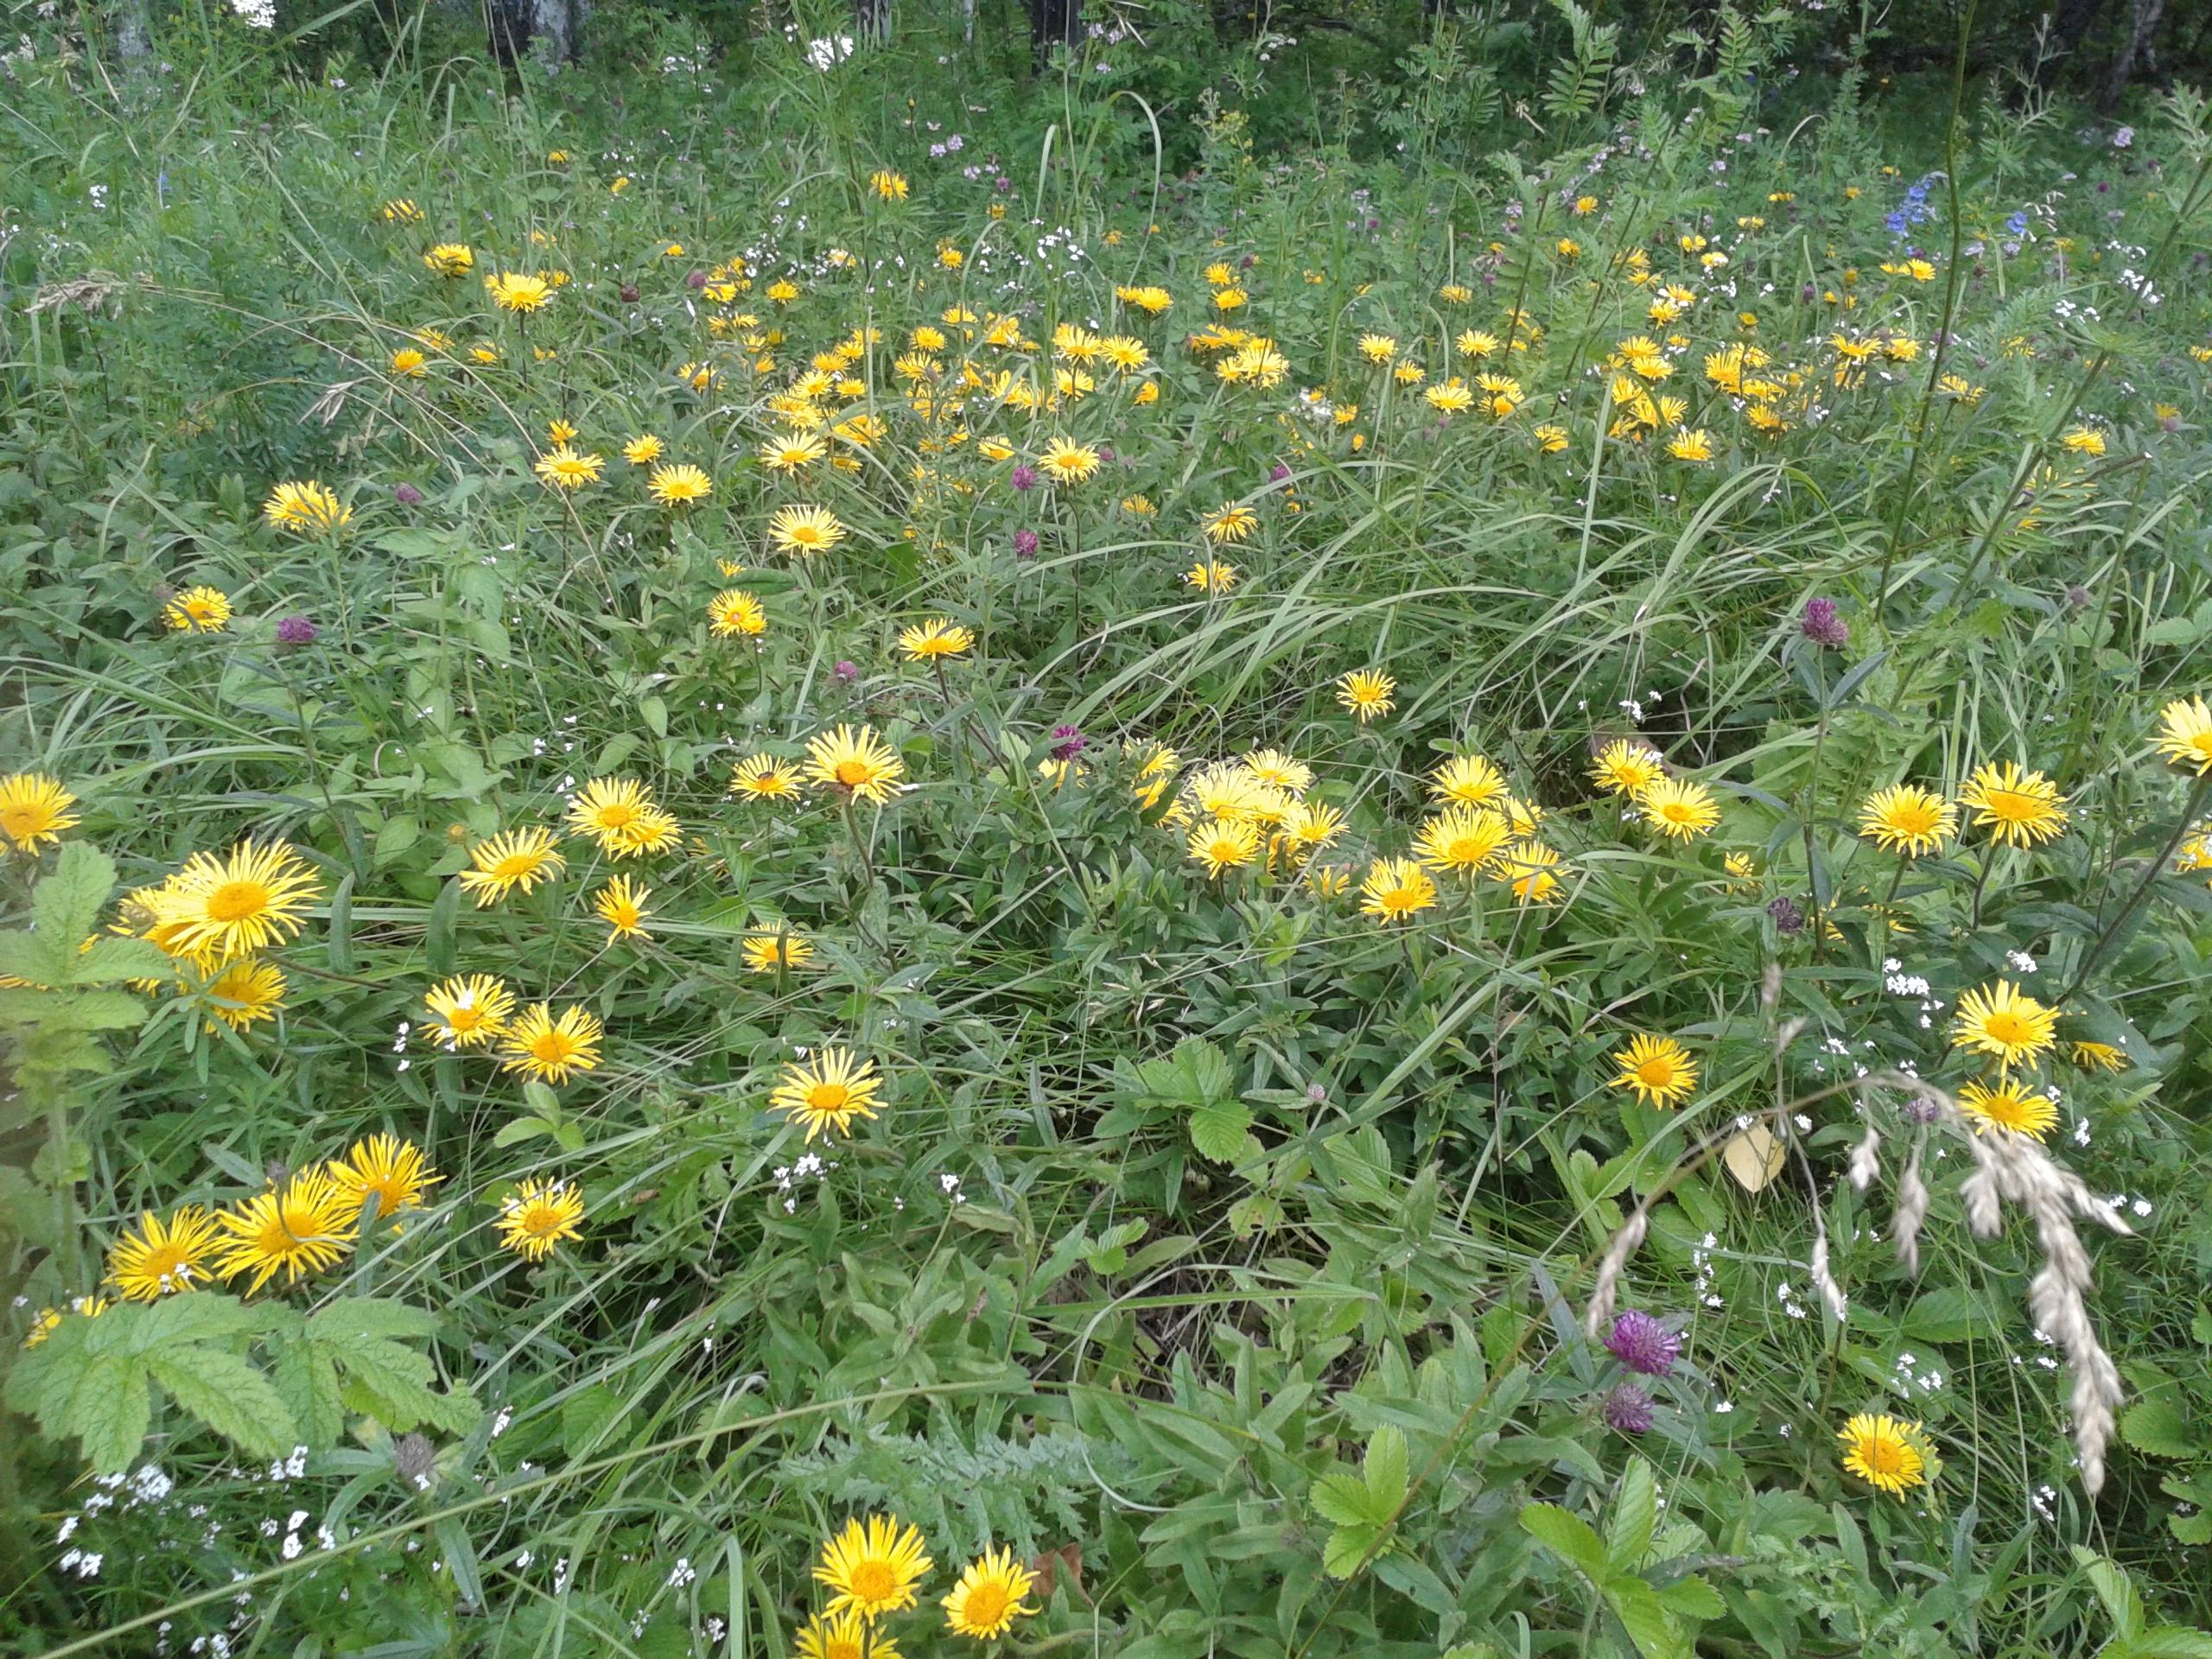 колье итальянские лесные цветы башкирии желтым цветом фото помощью лобзика нужно